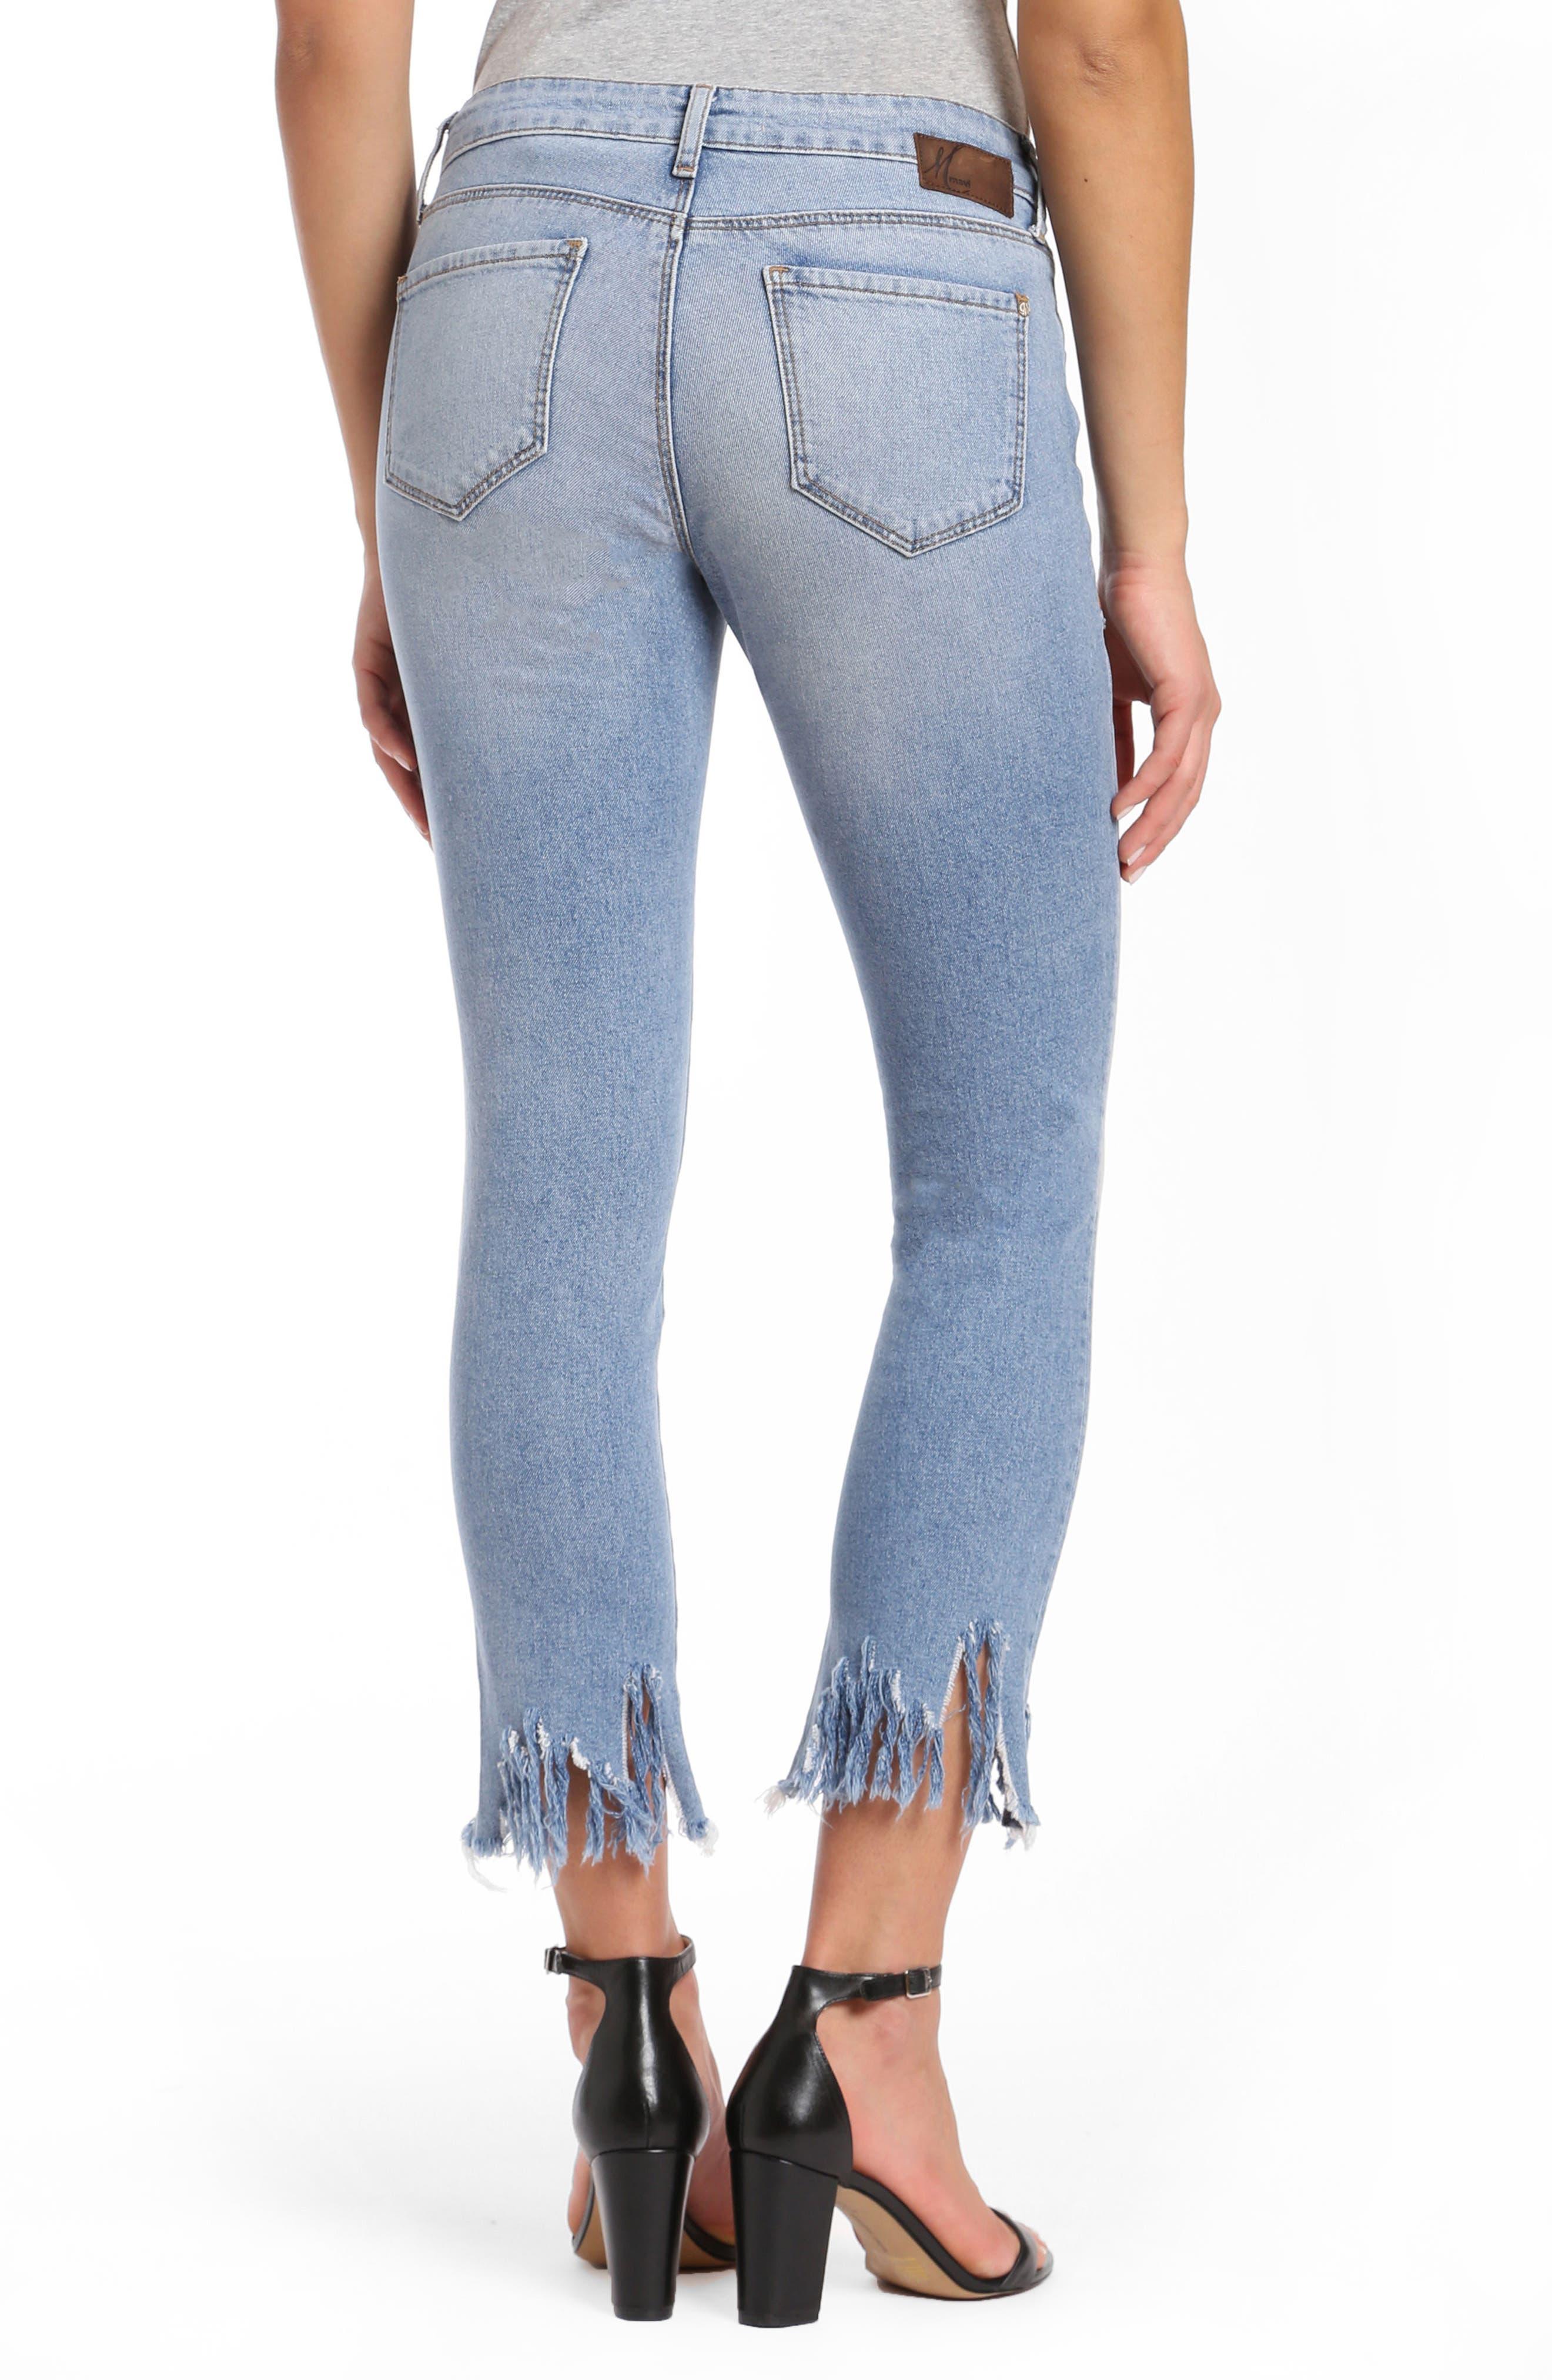 MAVI JEANS, Adriana Sharkbite Fringe Super Skinny Jeans, Alternate thumbnail 2, color, LIGHT FRINGE 90S